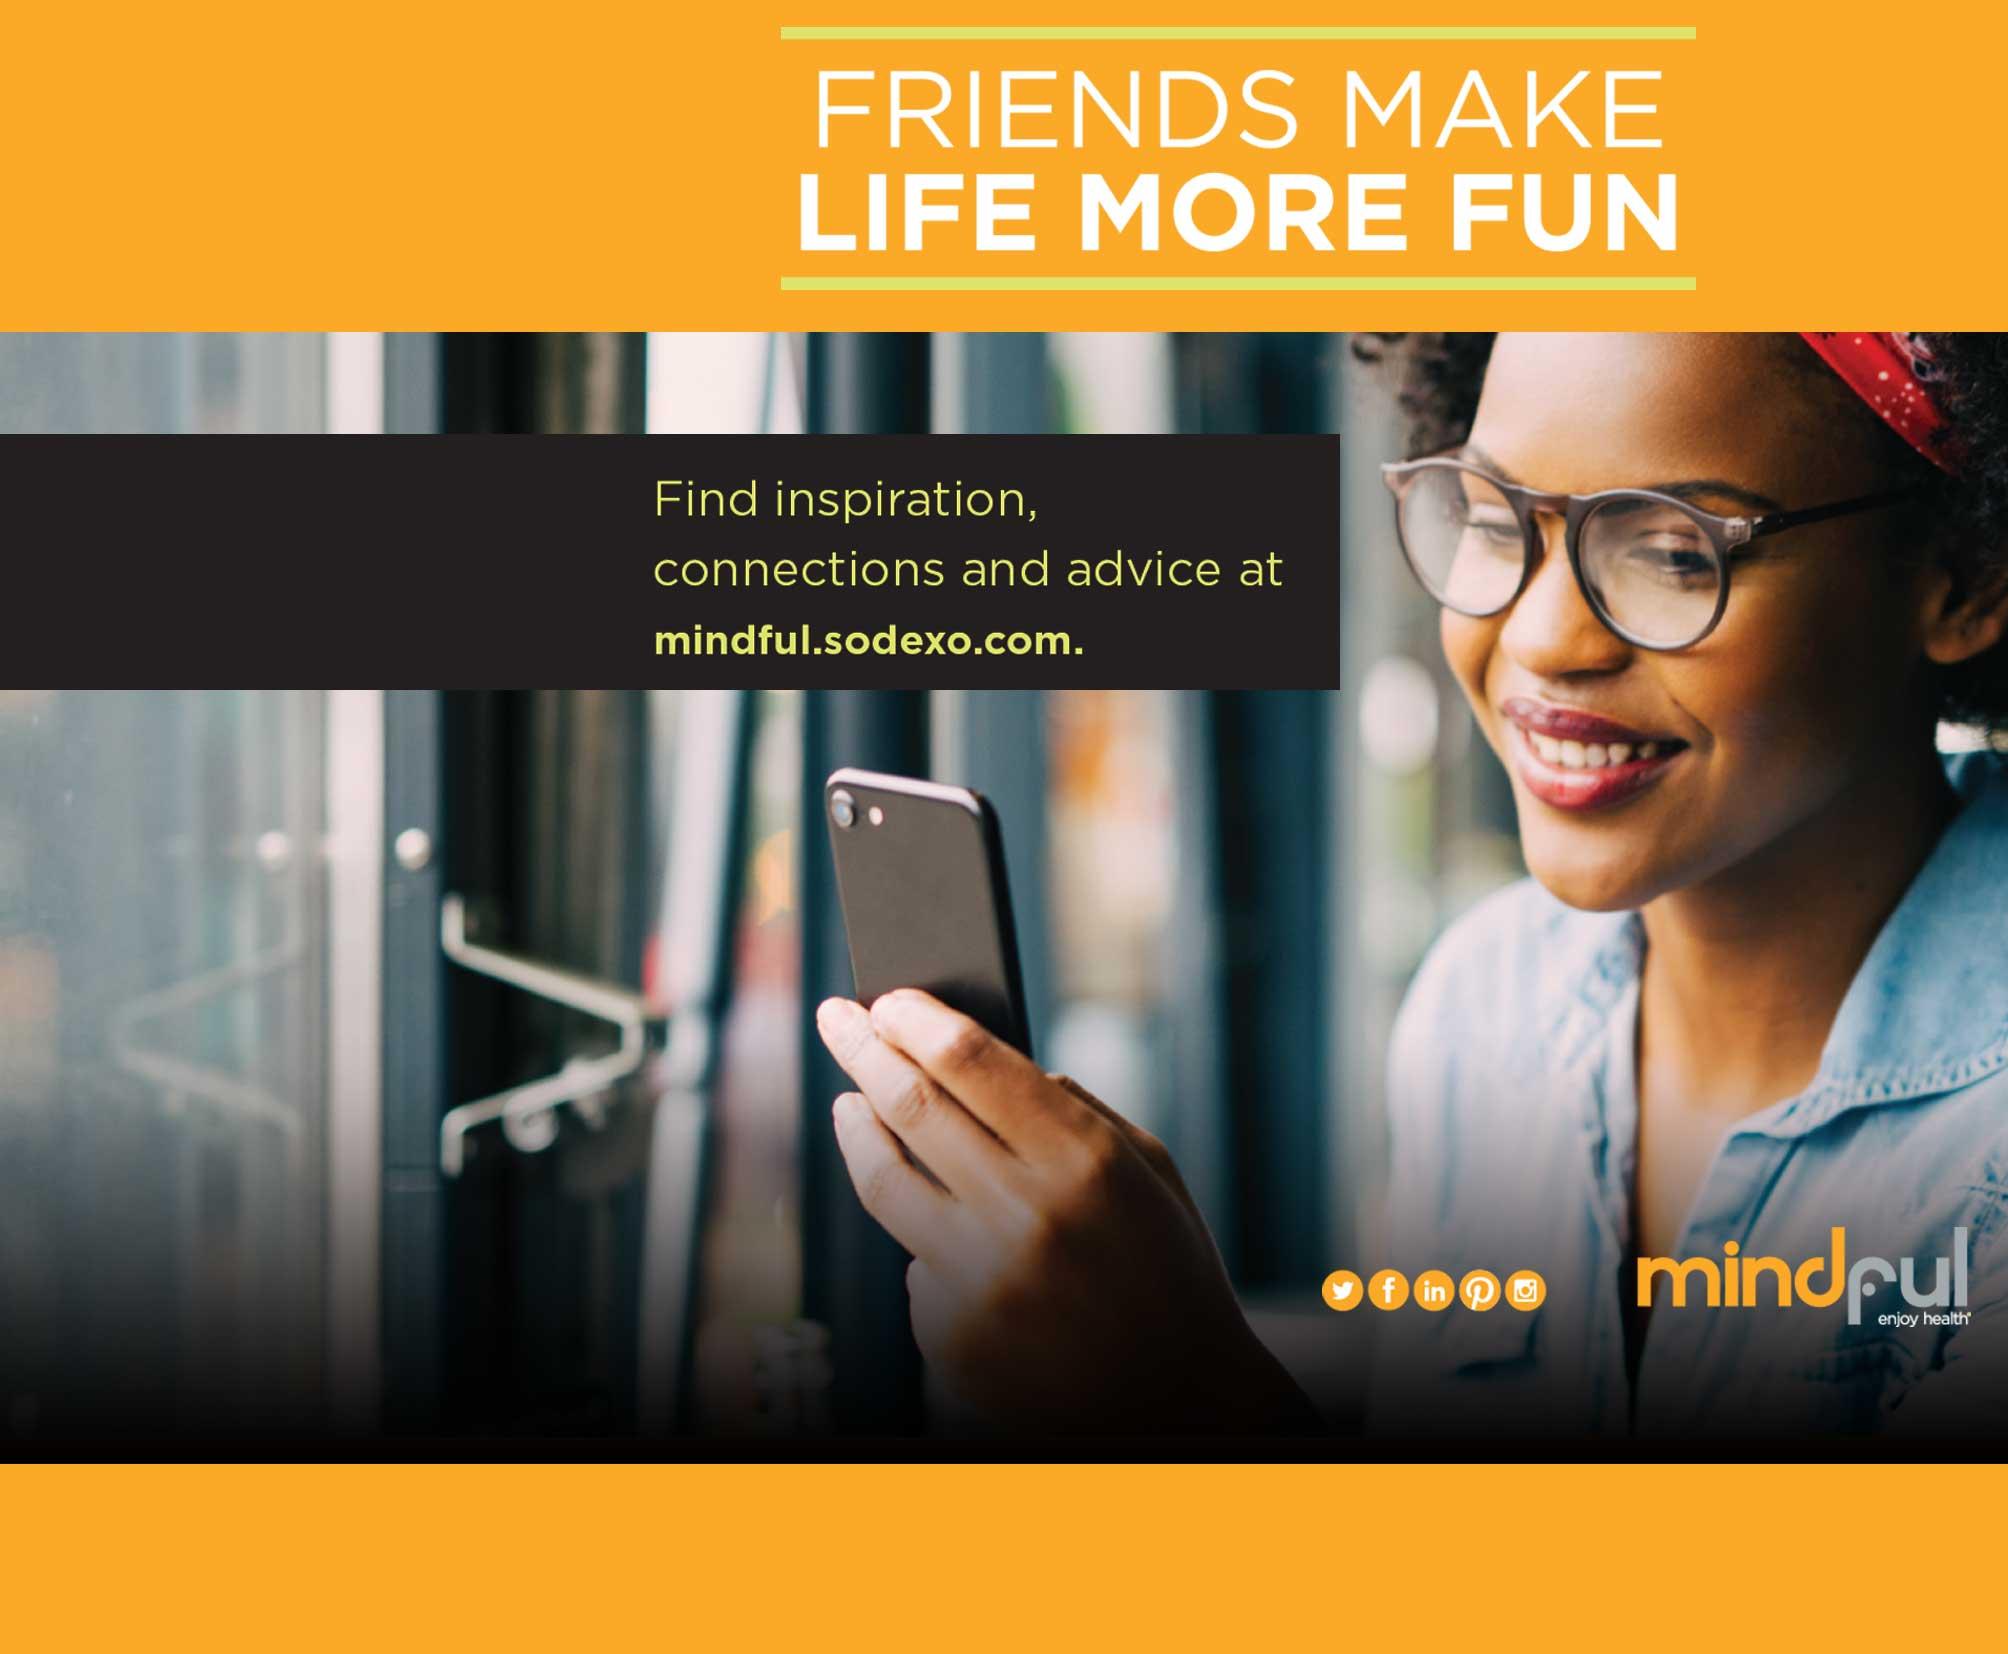 朋友让生活更有趣。在mindful.sodexo.com上找到灵感,连接和建议